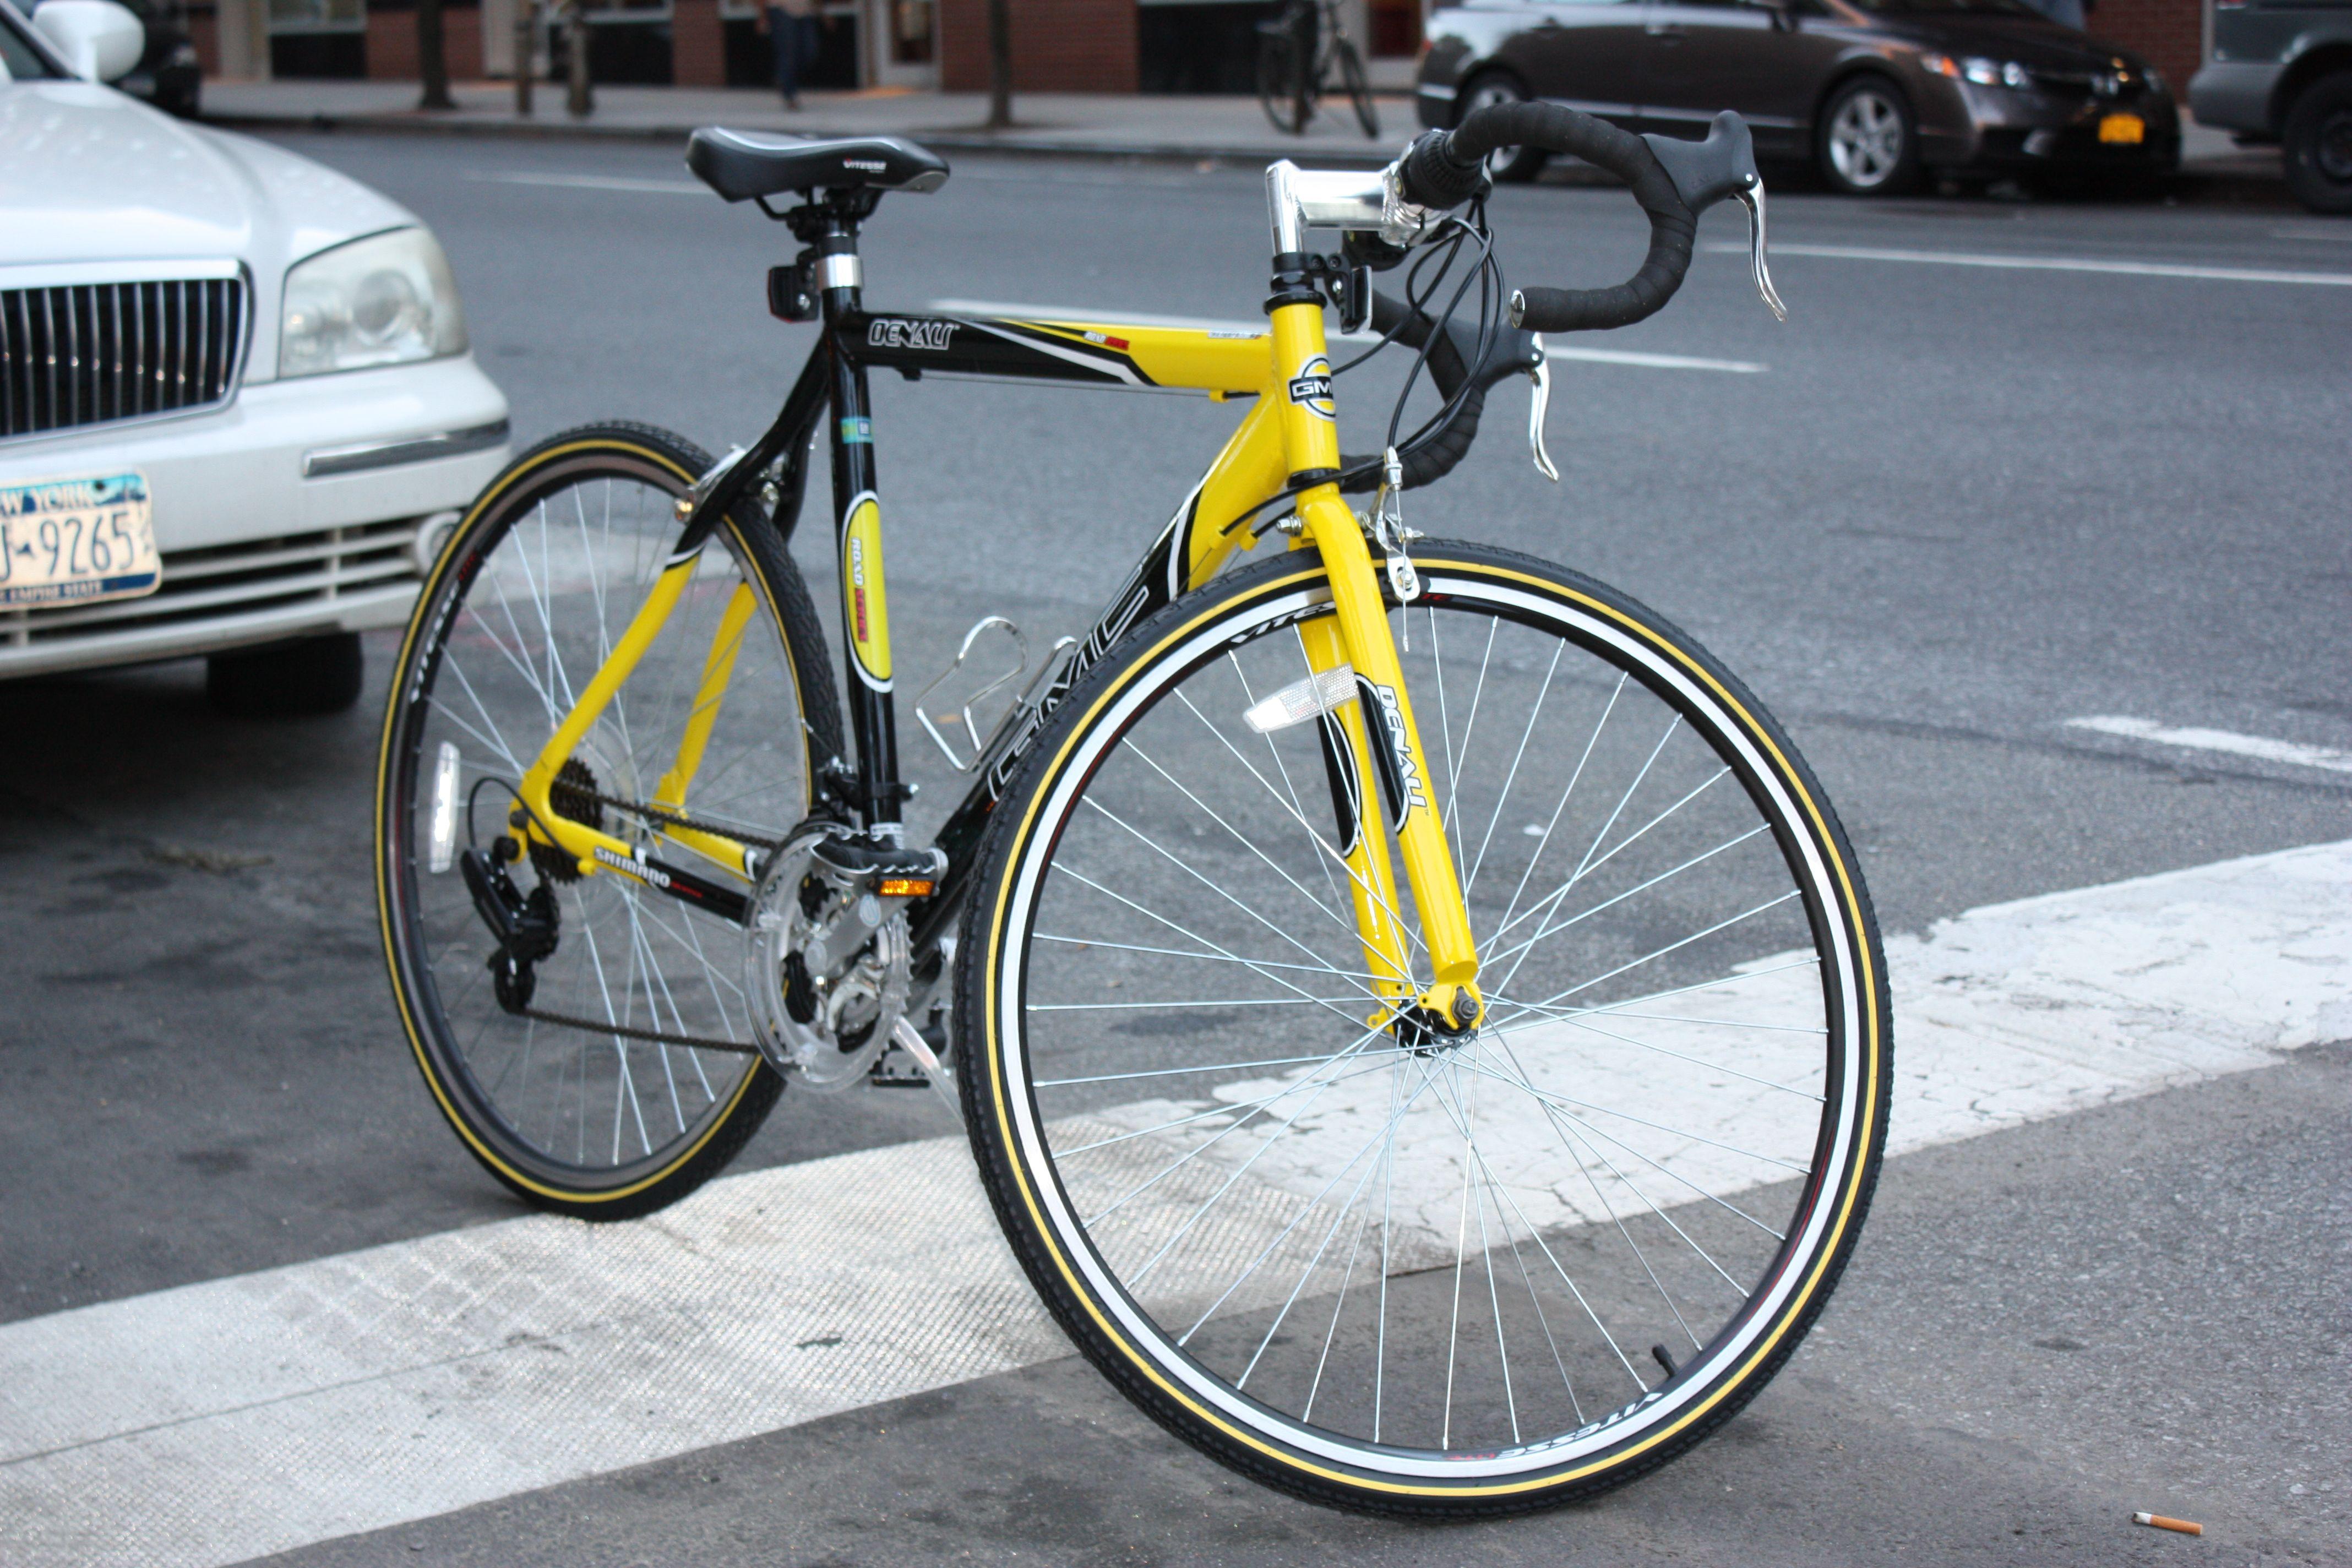 Gmc Denali Men S Road Bike Is Built Around A Lightweight